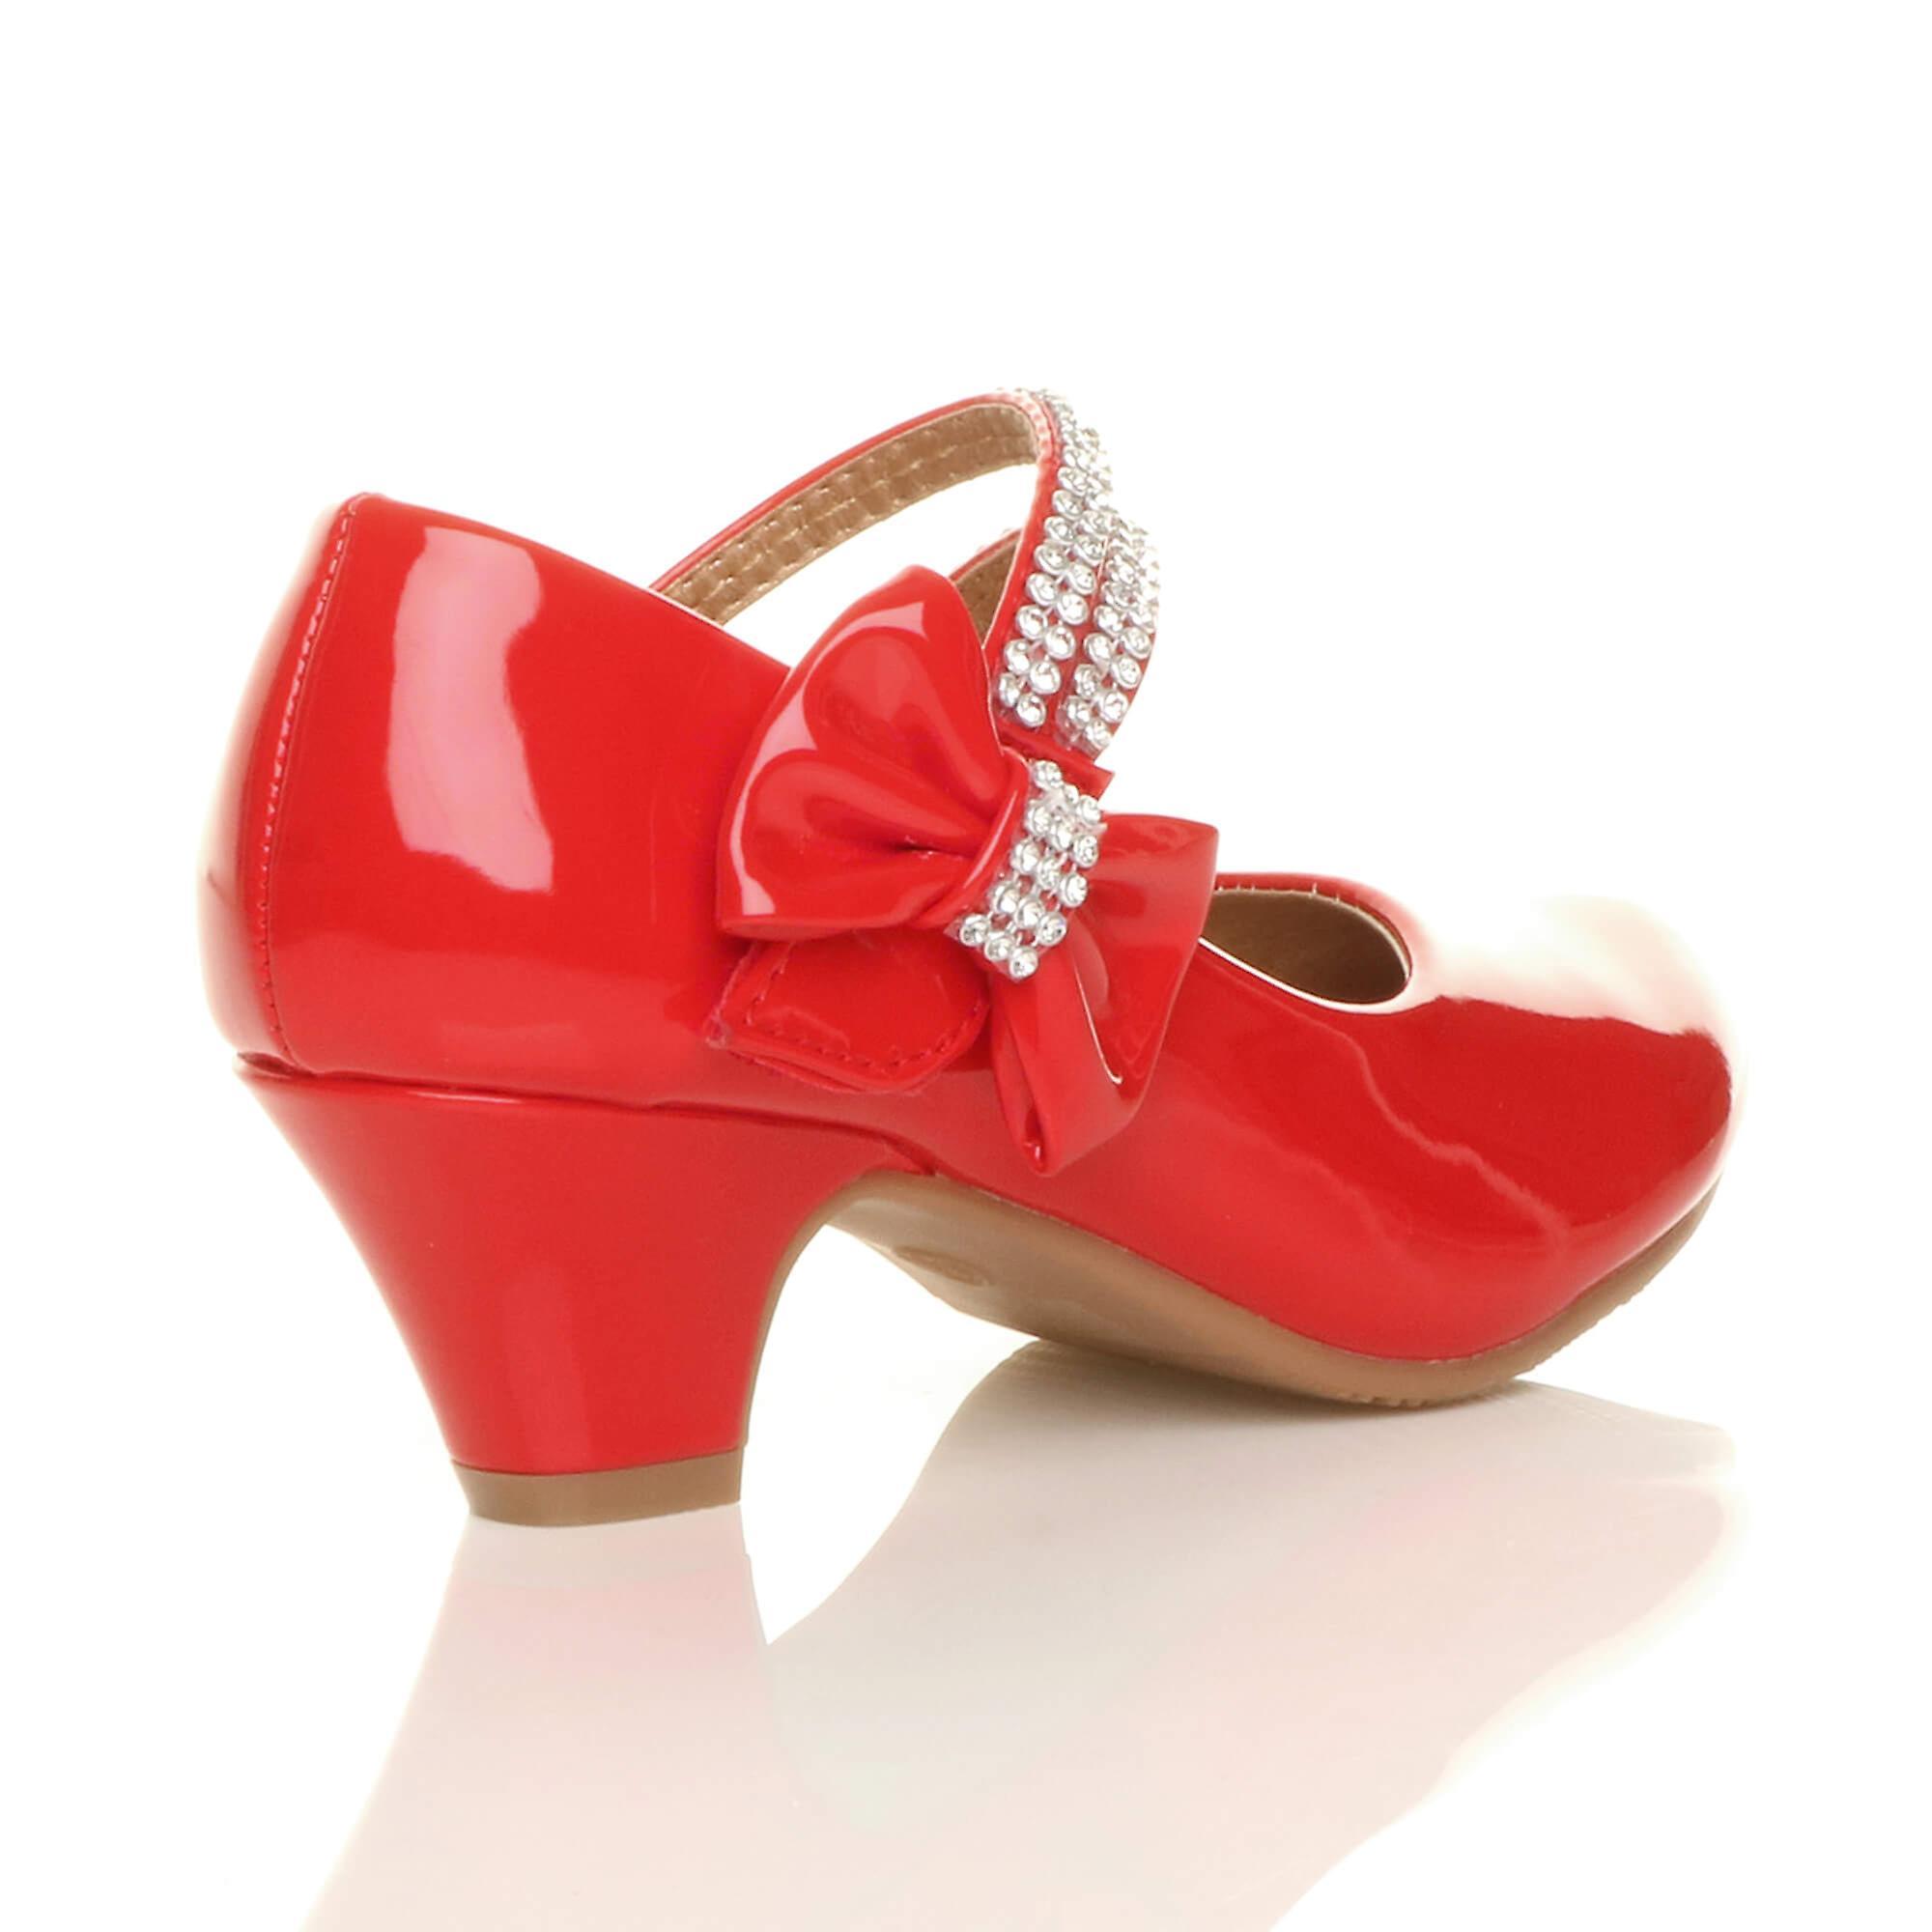 397c6af9c0ba Ajvani girls low heel party wedding mary jane style hook   loop sandals  school shoes